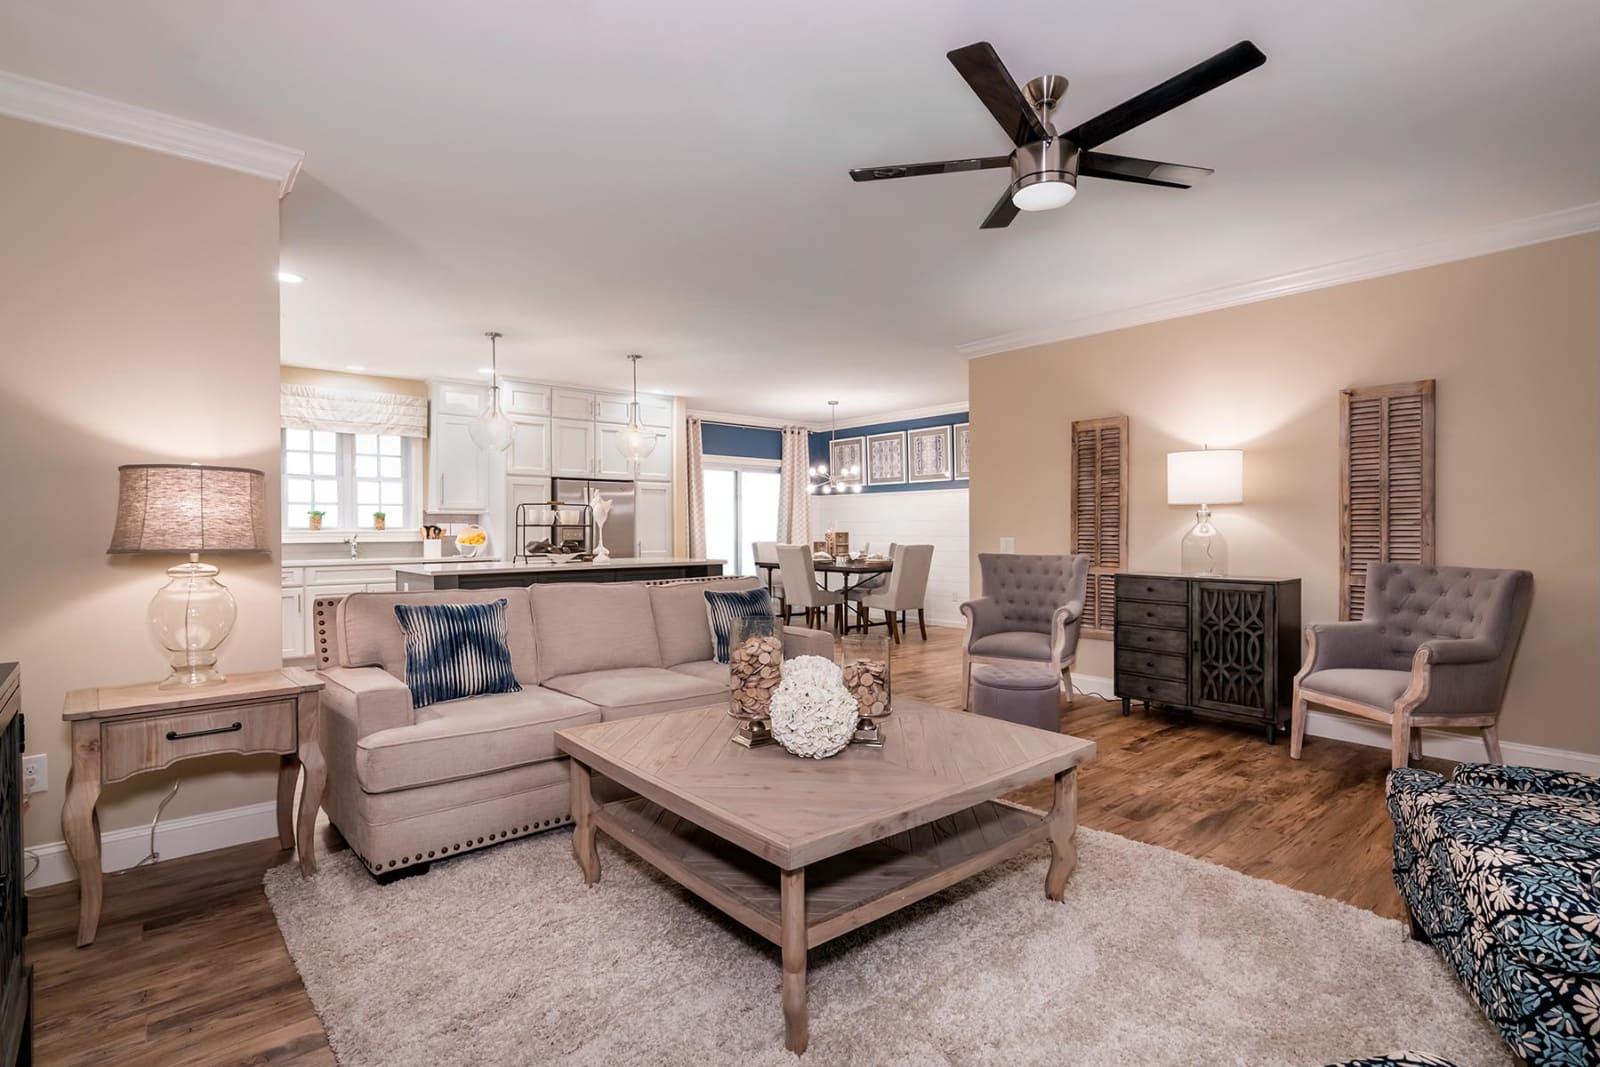 The Brooklyn, All American custom home living room